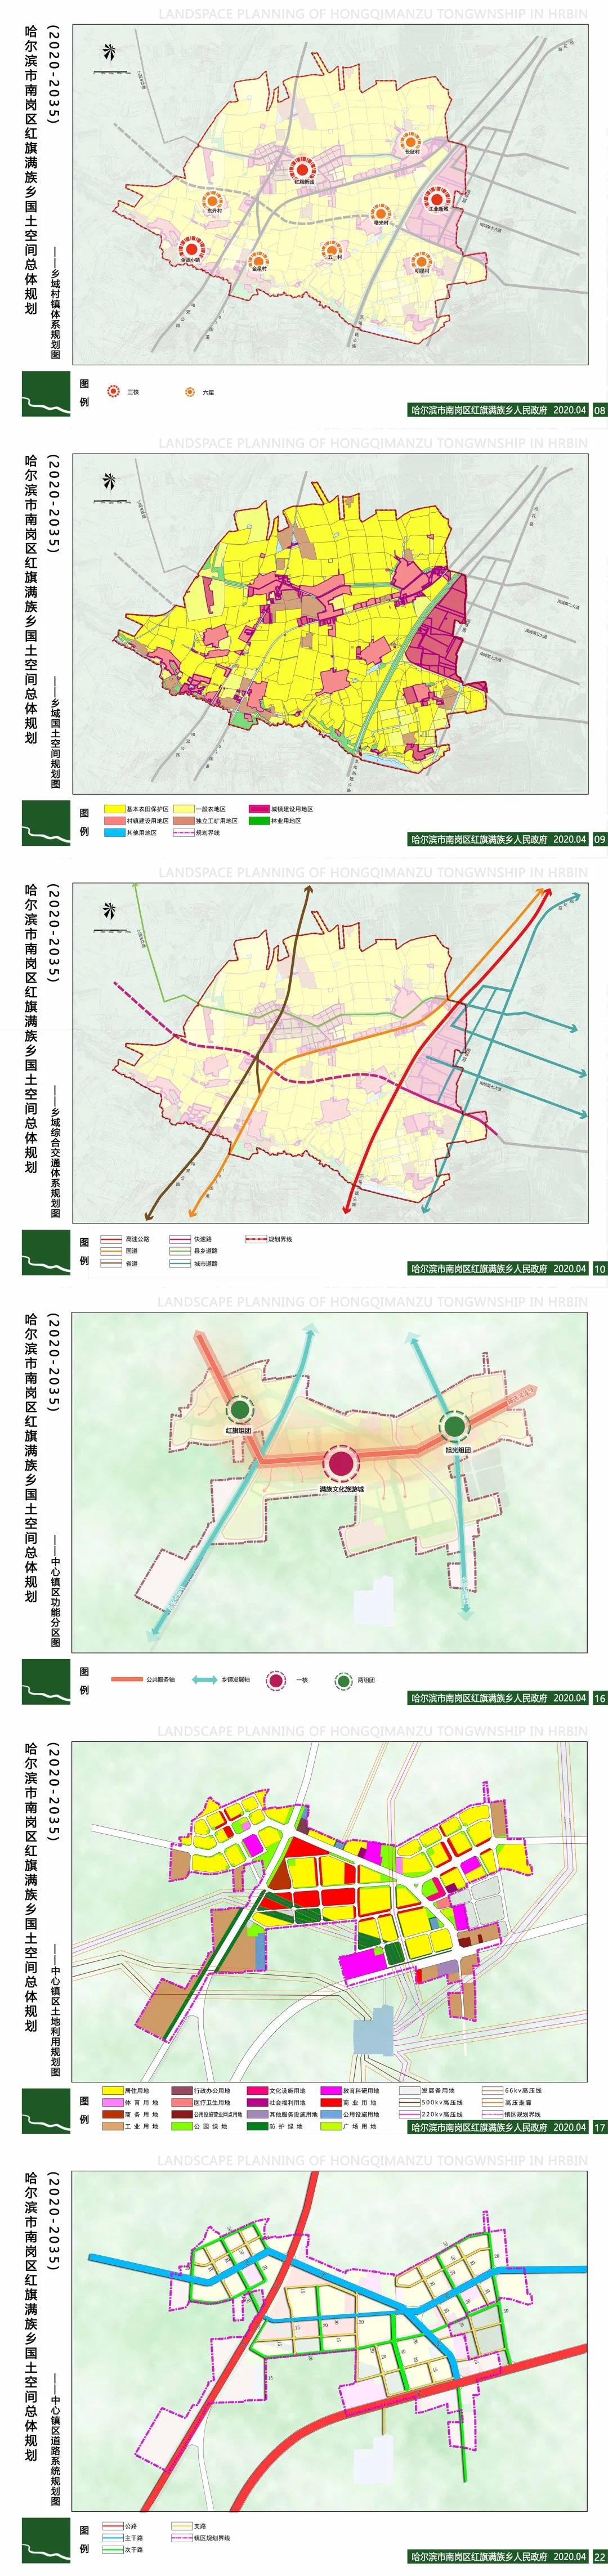 南岗红旗满族乡供应5宗地块 含住宅、幼儿园和城市道路哈尔滨插图